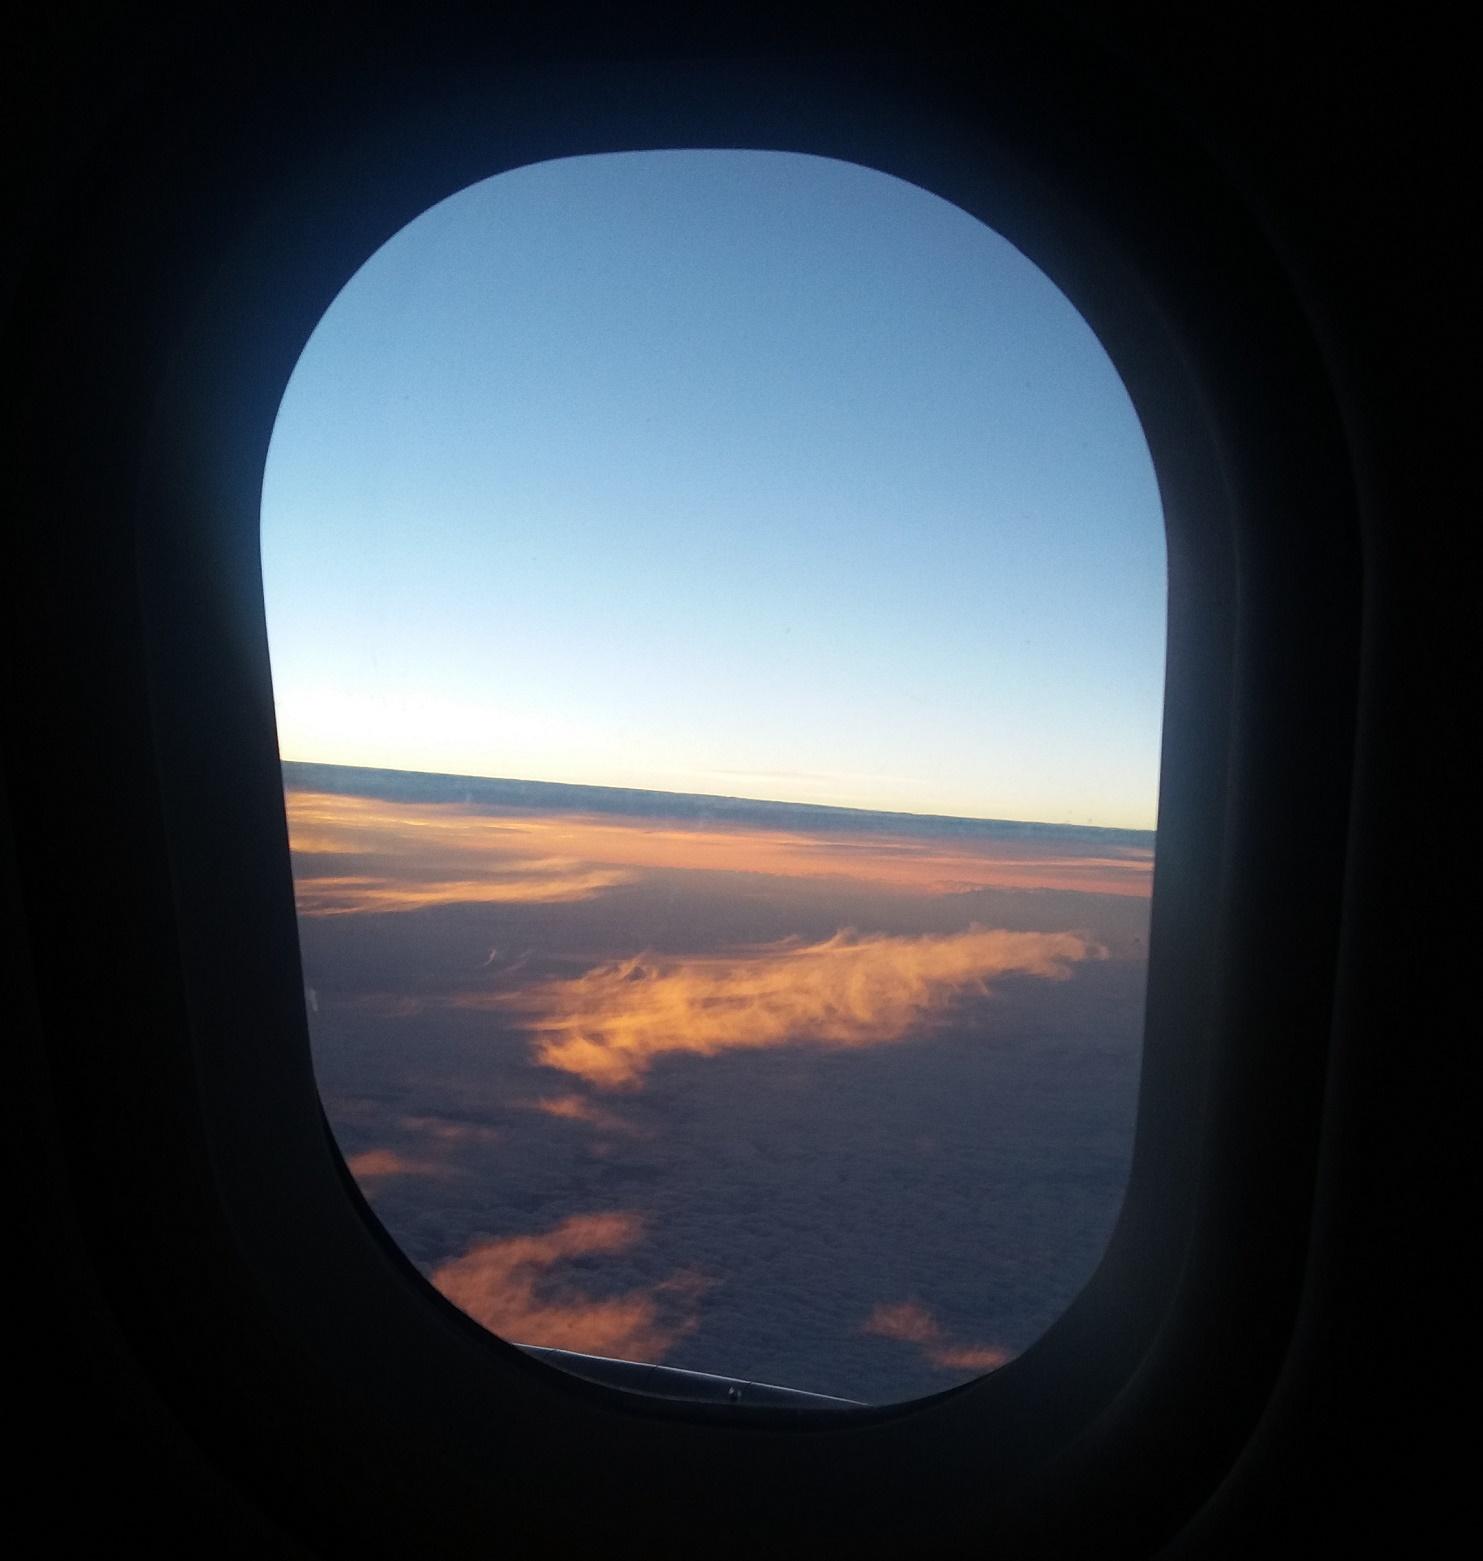 Aurinko nousee koneessa.